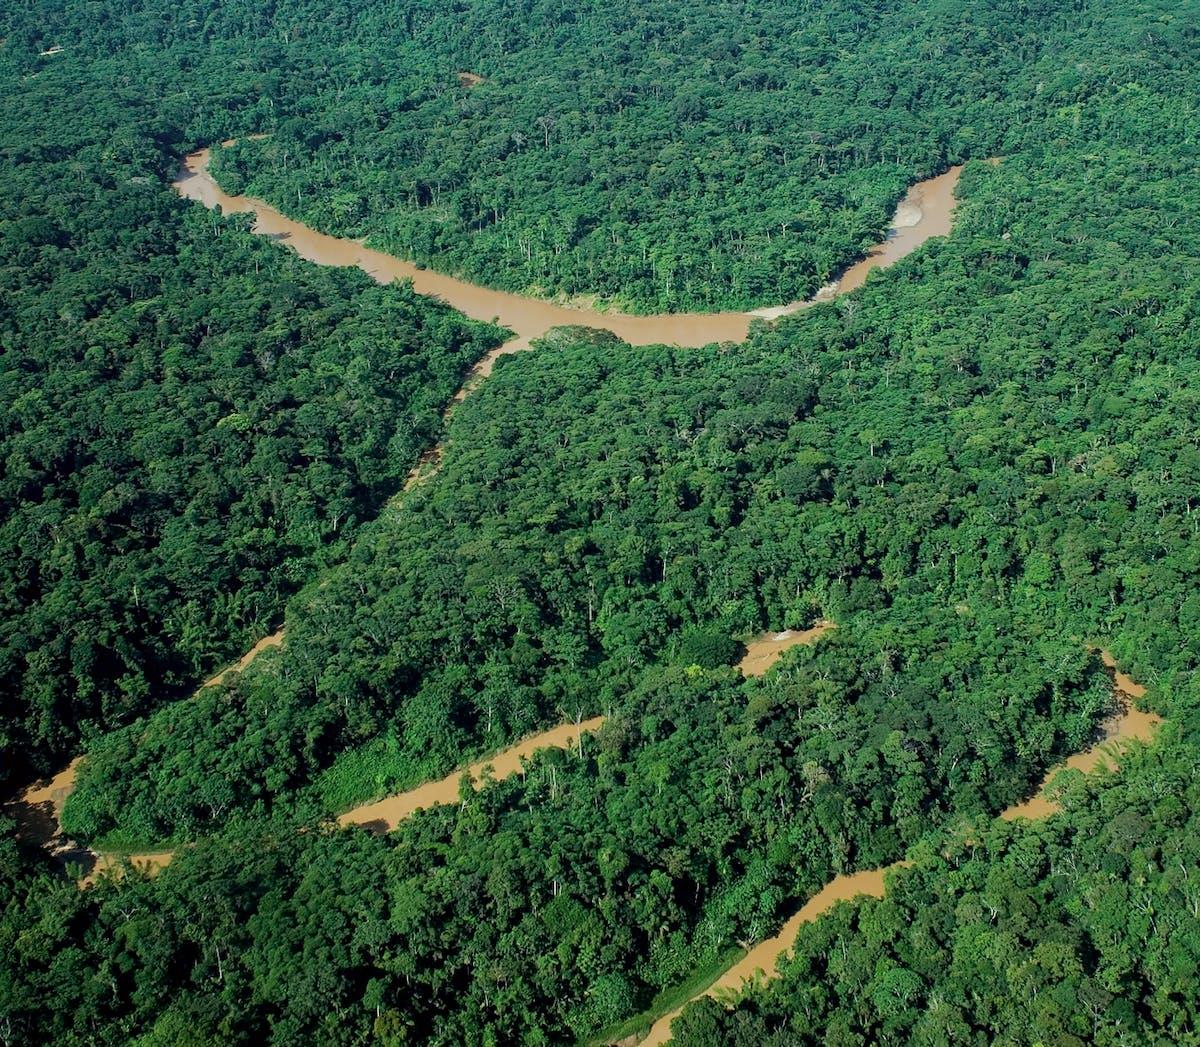 Webinar recap: Greg Asner and carbon emission imagery